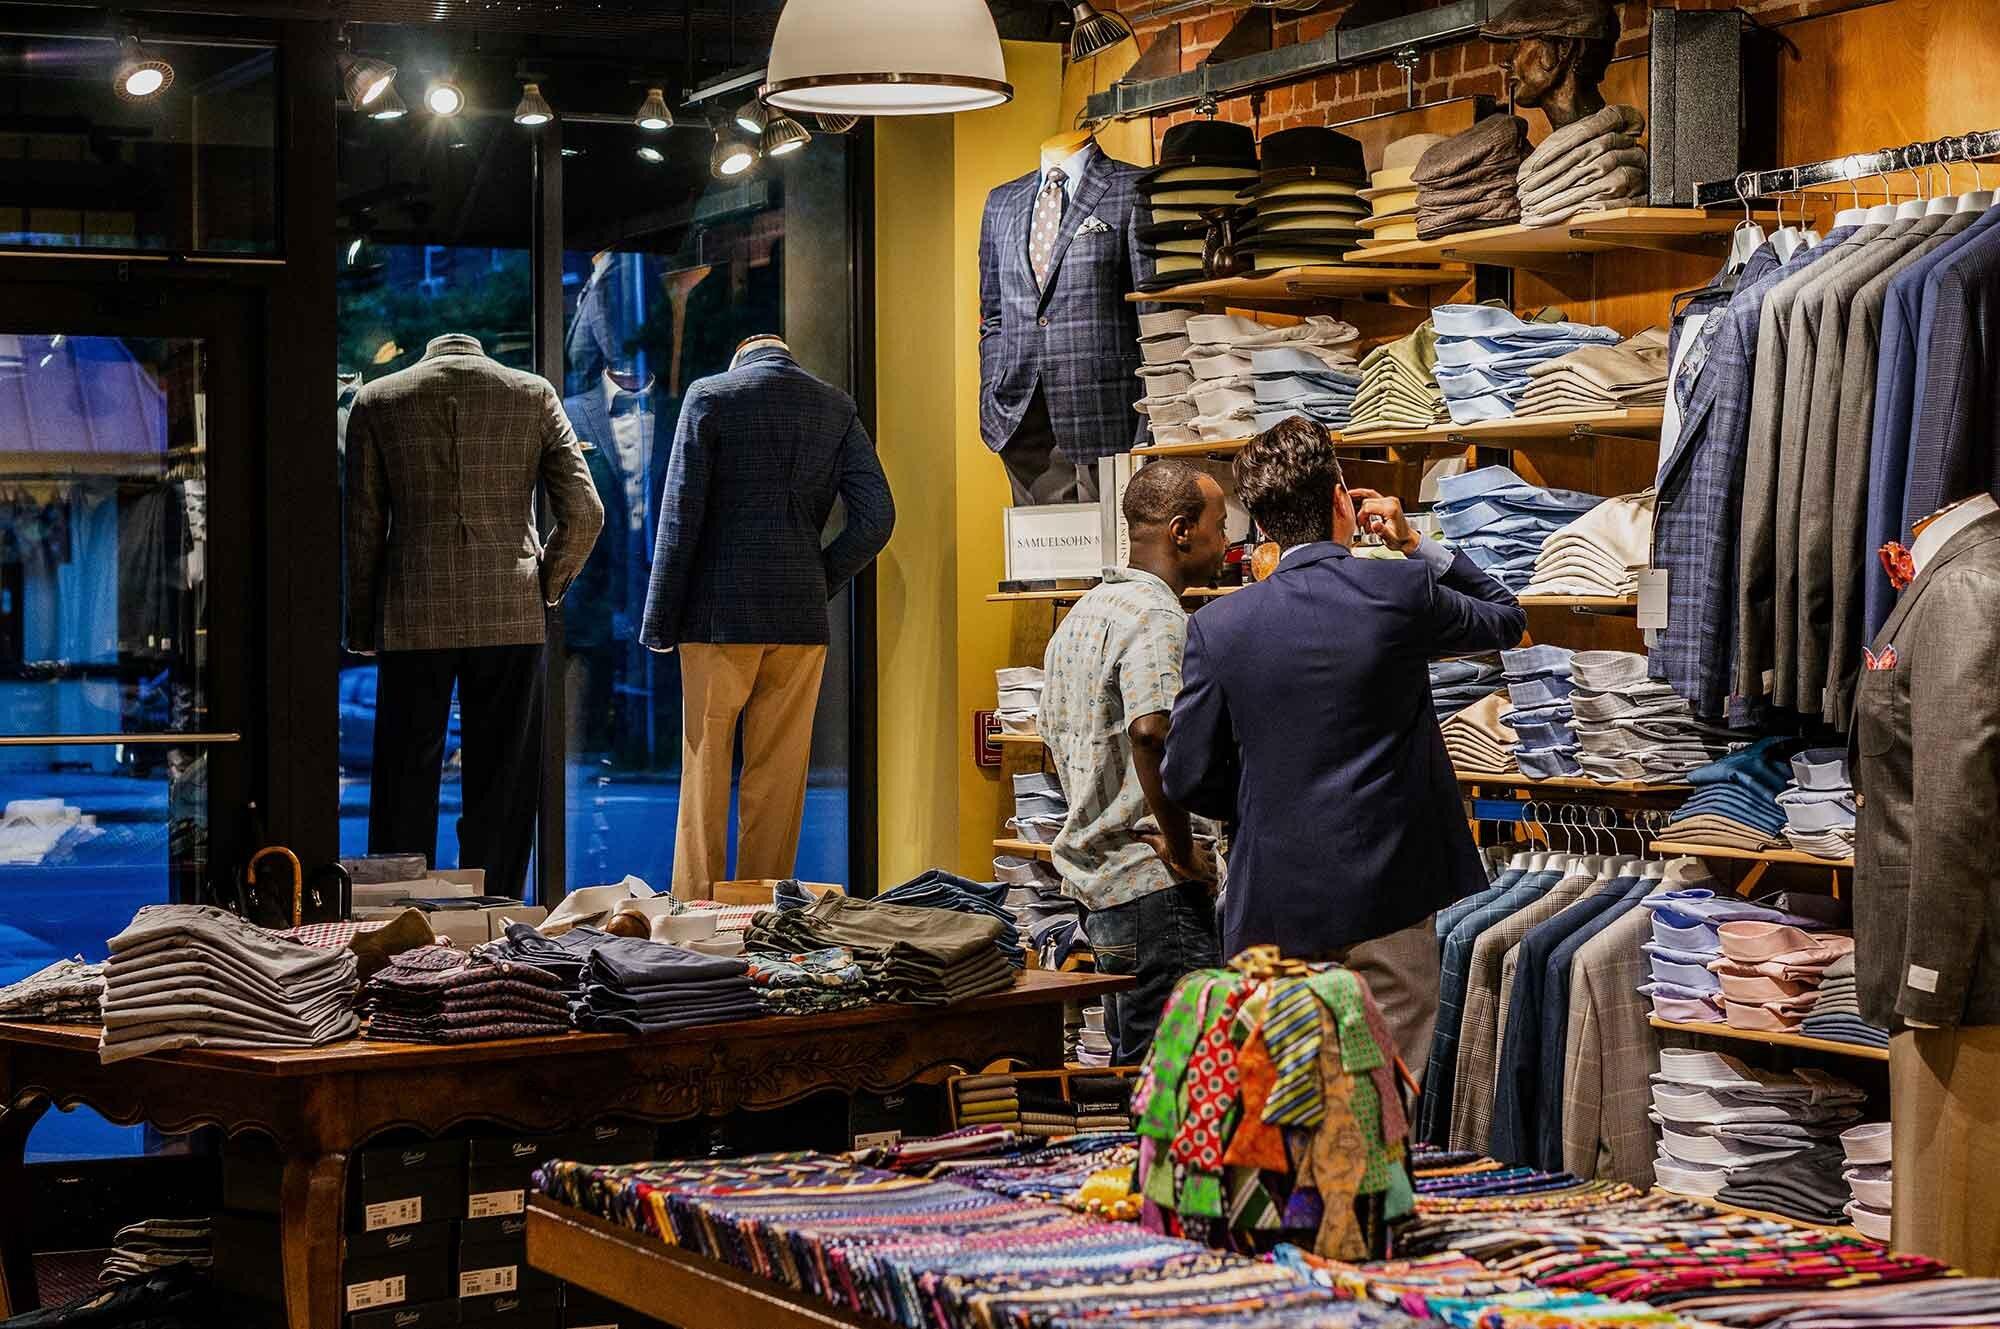 drinkwaters_cambridge_great_mens_clothing_11.jpg